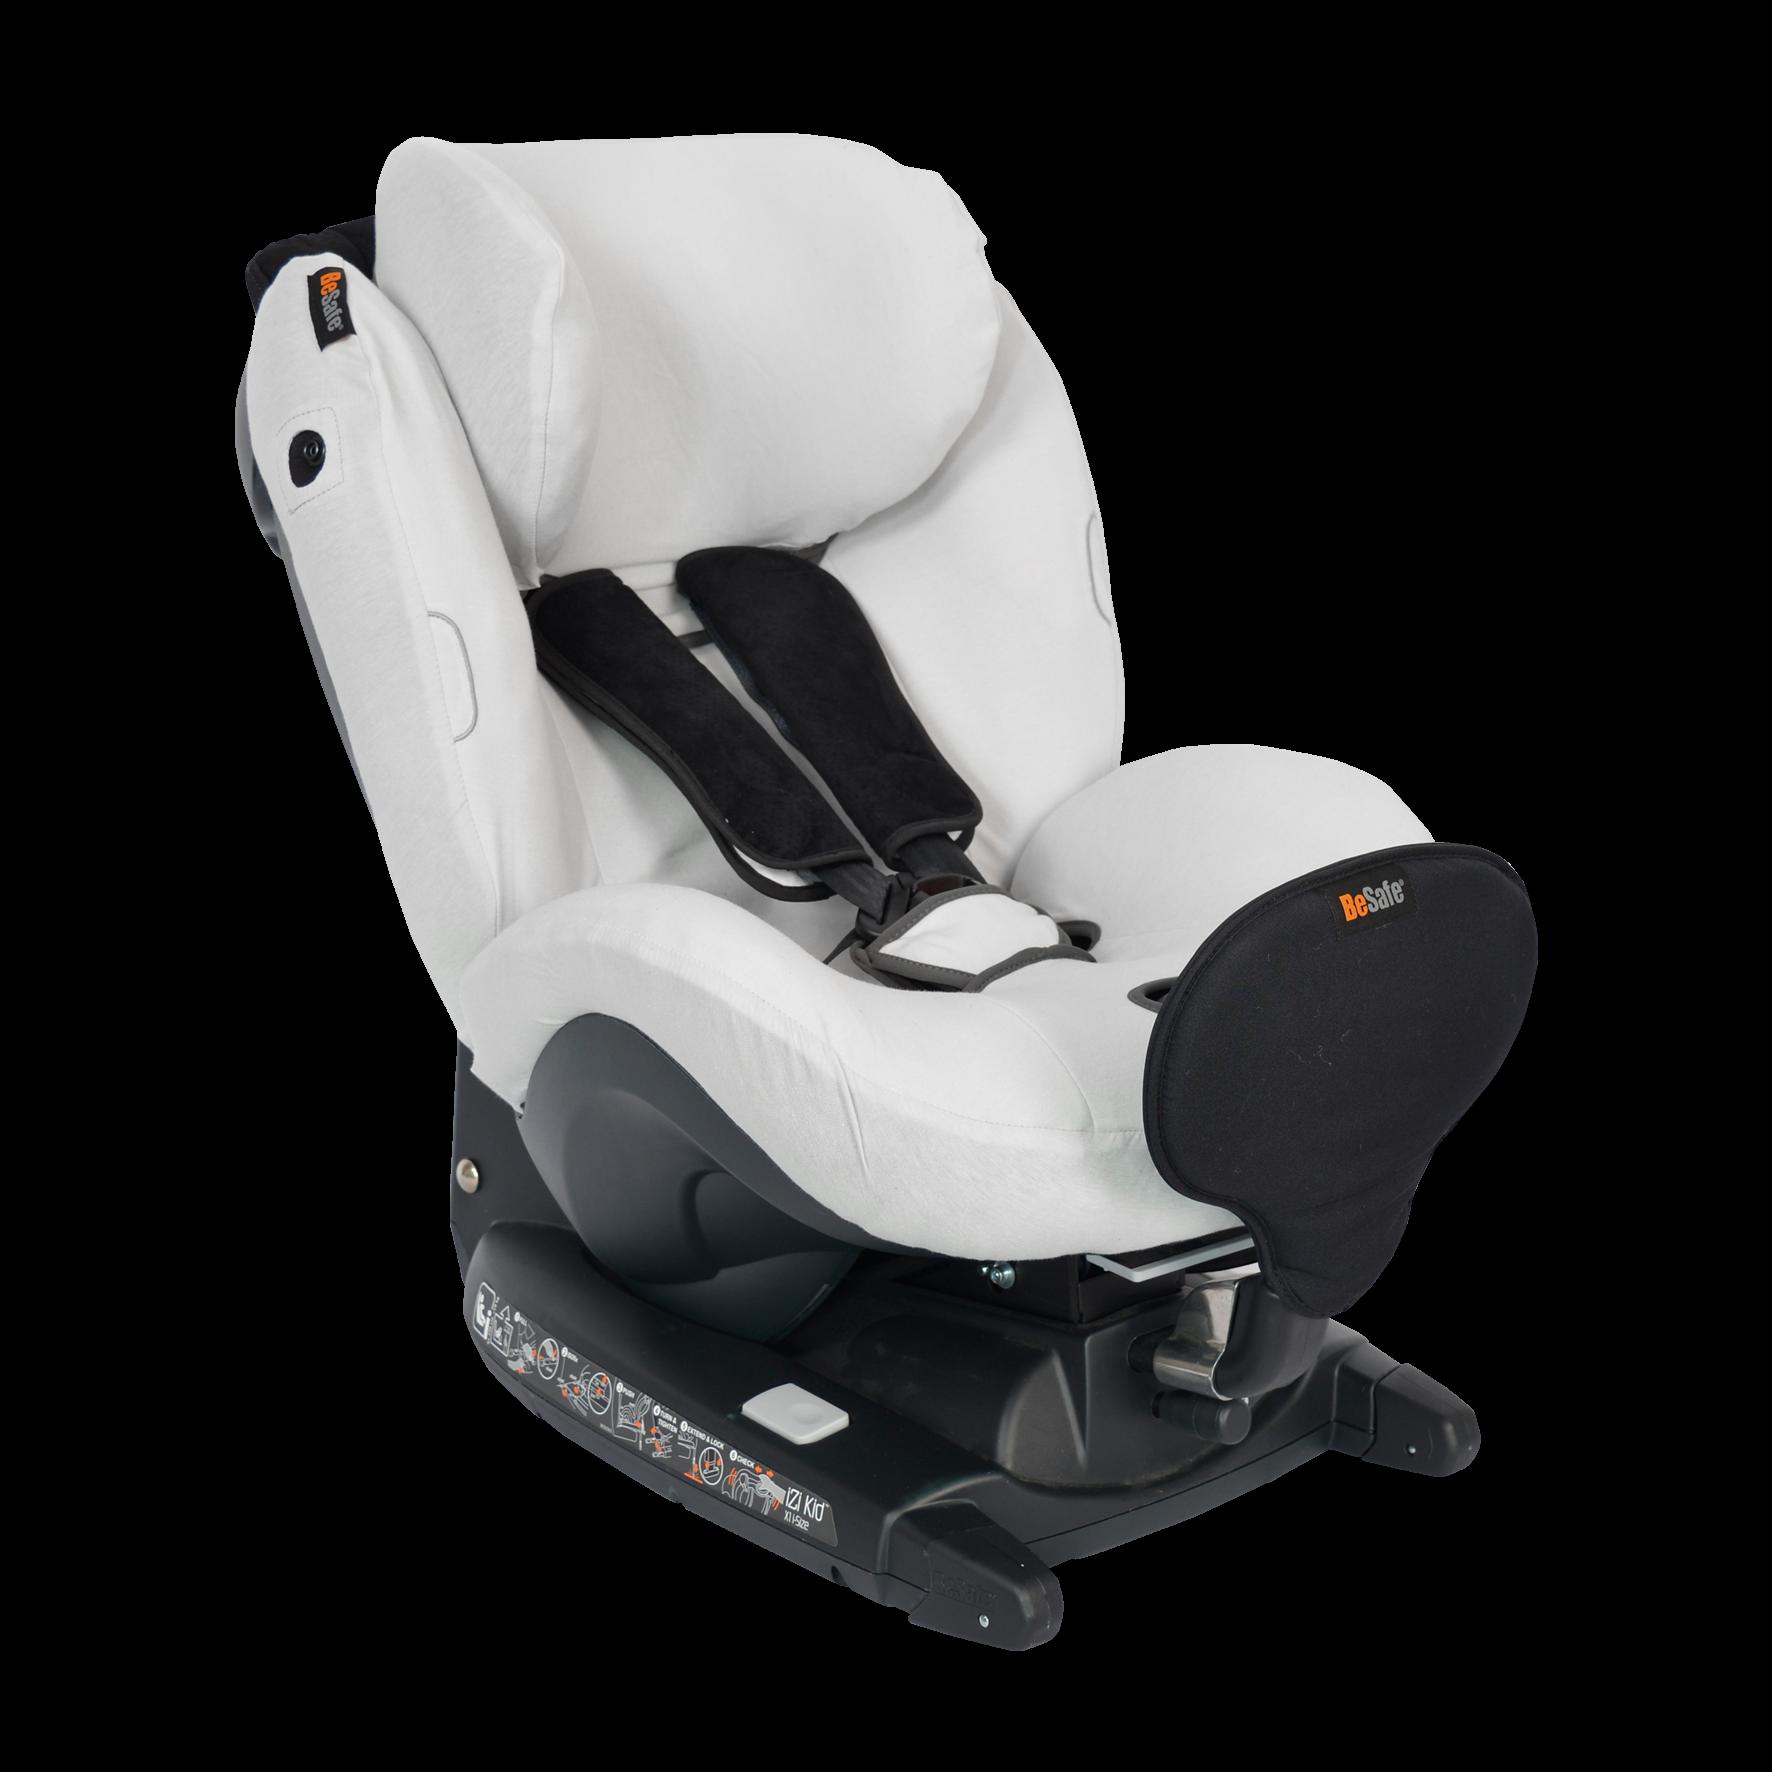 BeSafe • Child seat cover – iZi Kid